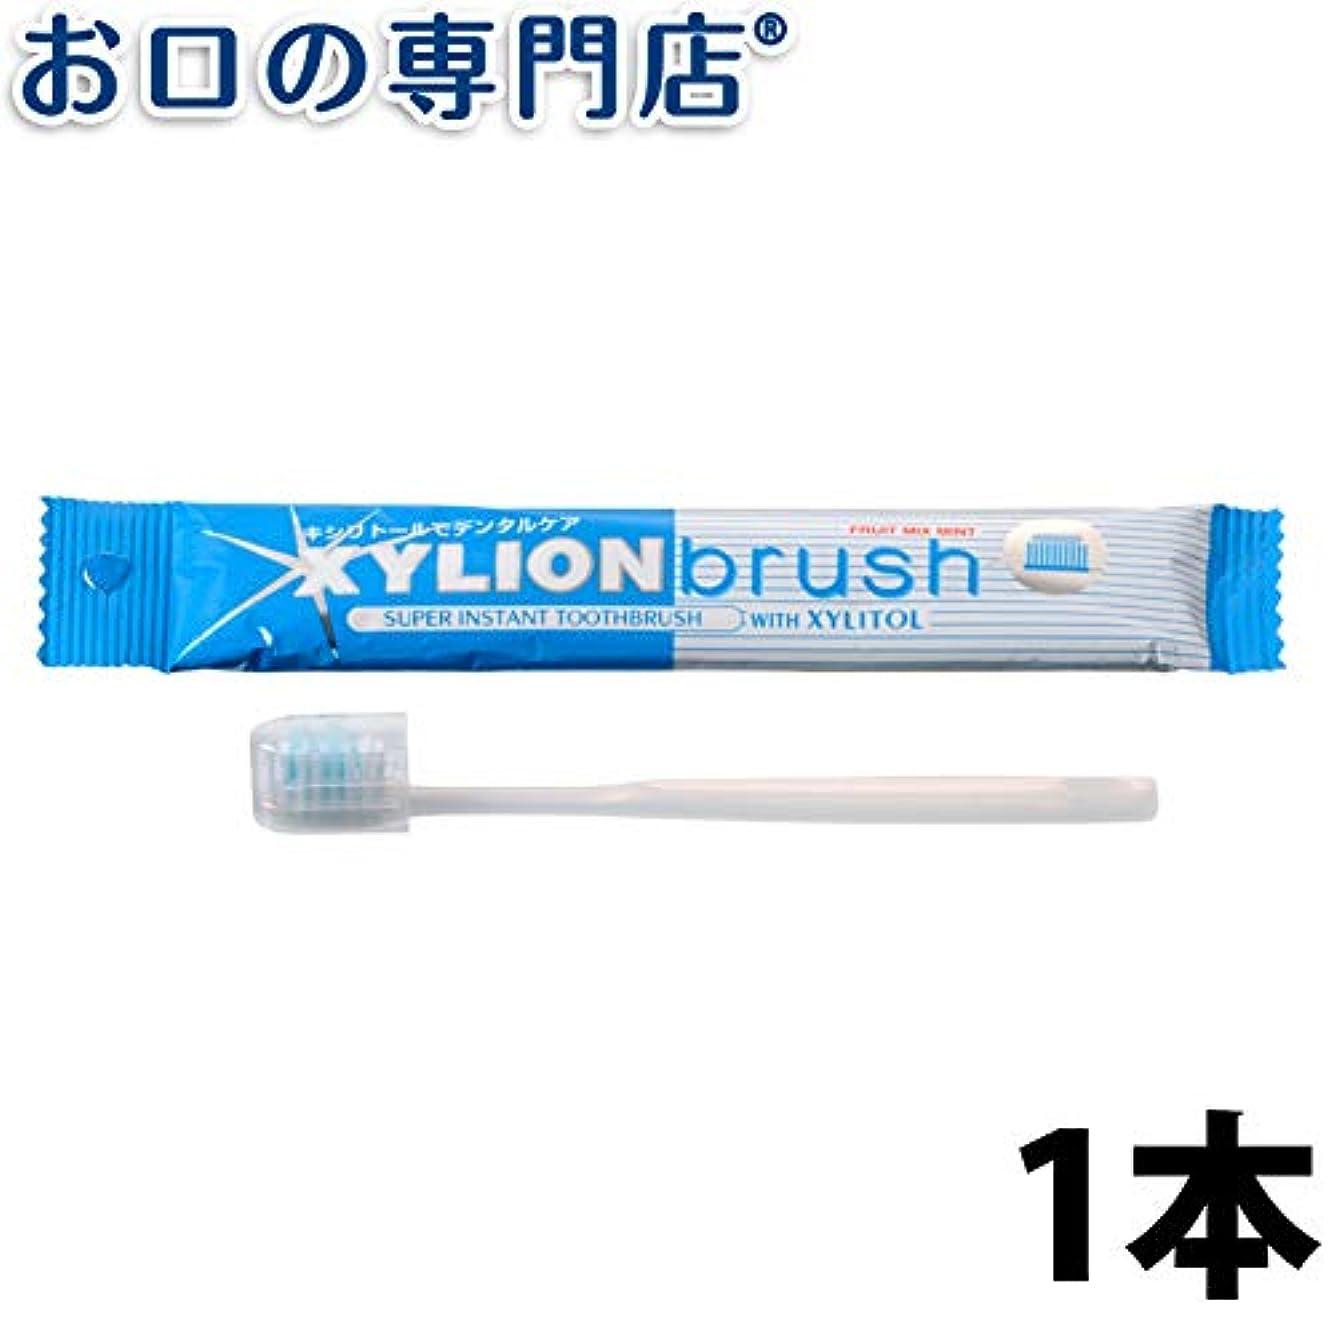 活性化する吐くお誕生日キシリオンブラシ XYLION brush 1本